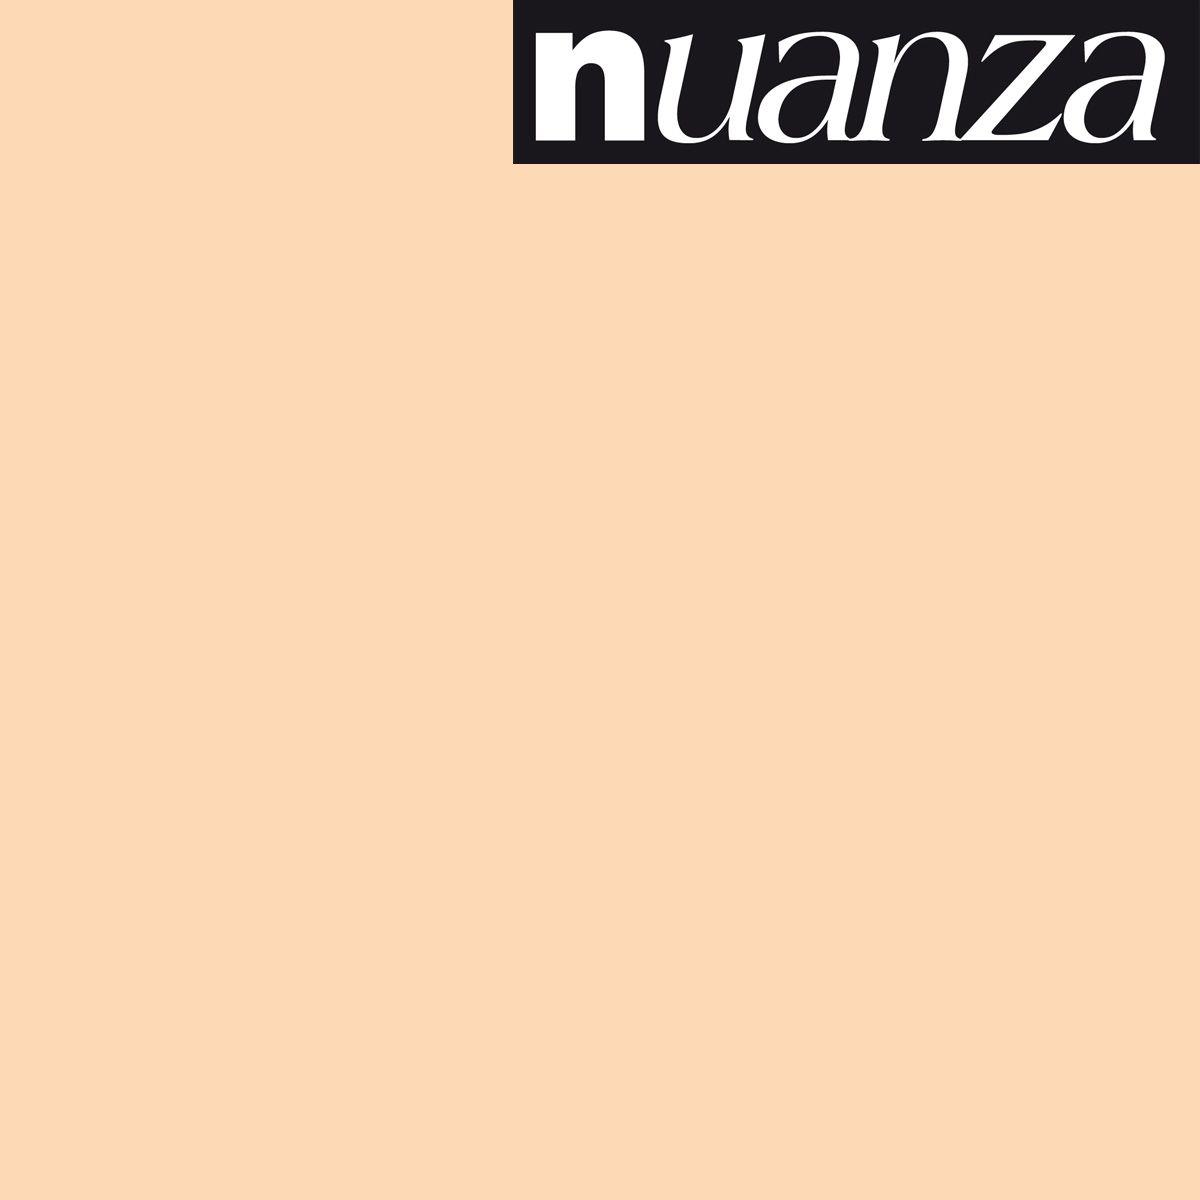 Peinture Nuanza satin monocouche nude 0.5l